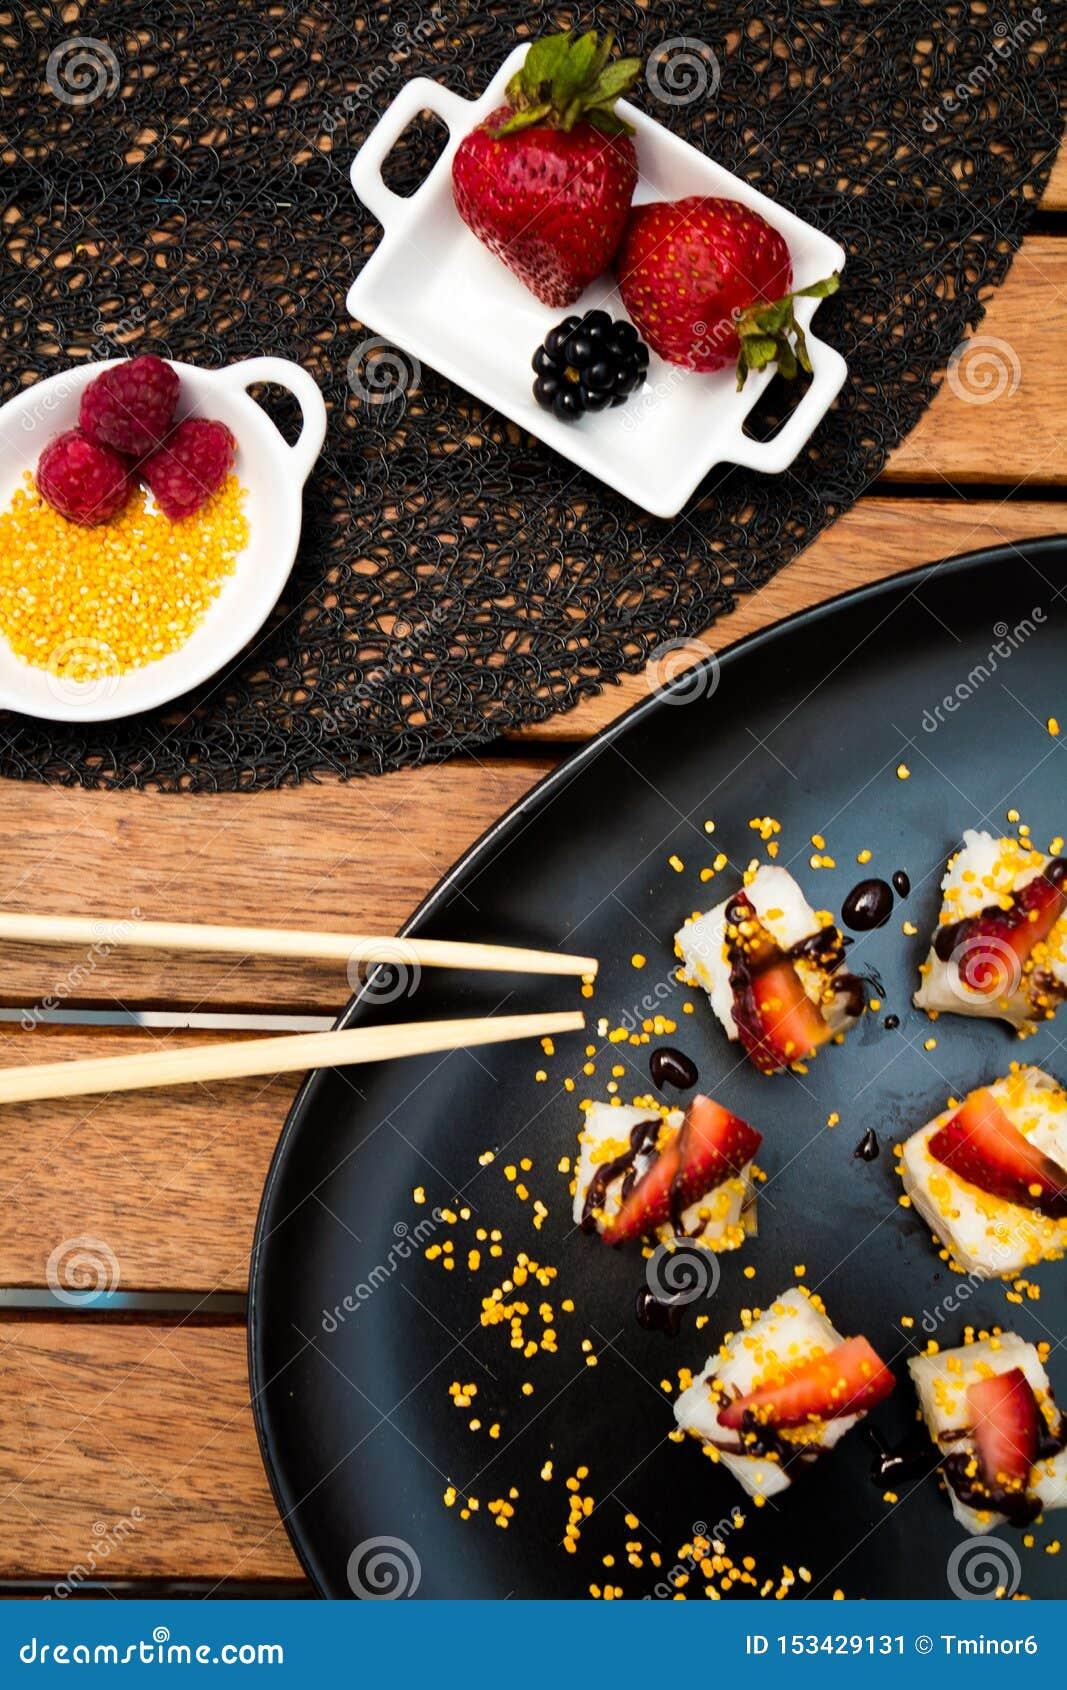 Японская кухня служила на плитах с ягодами и семенами на деревянном столе